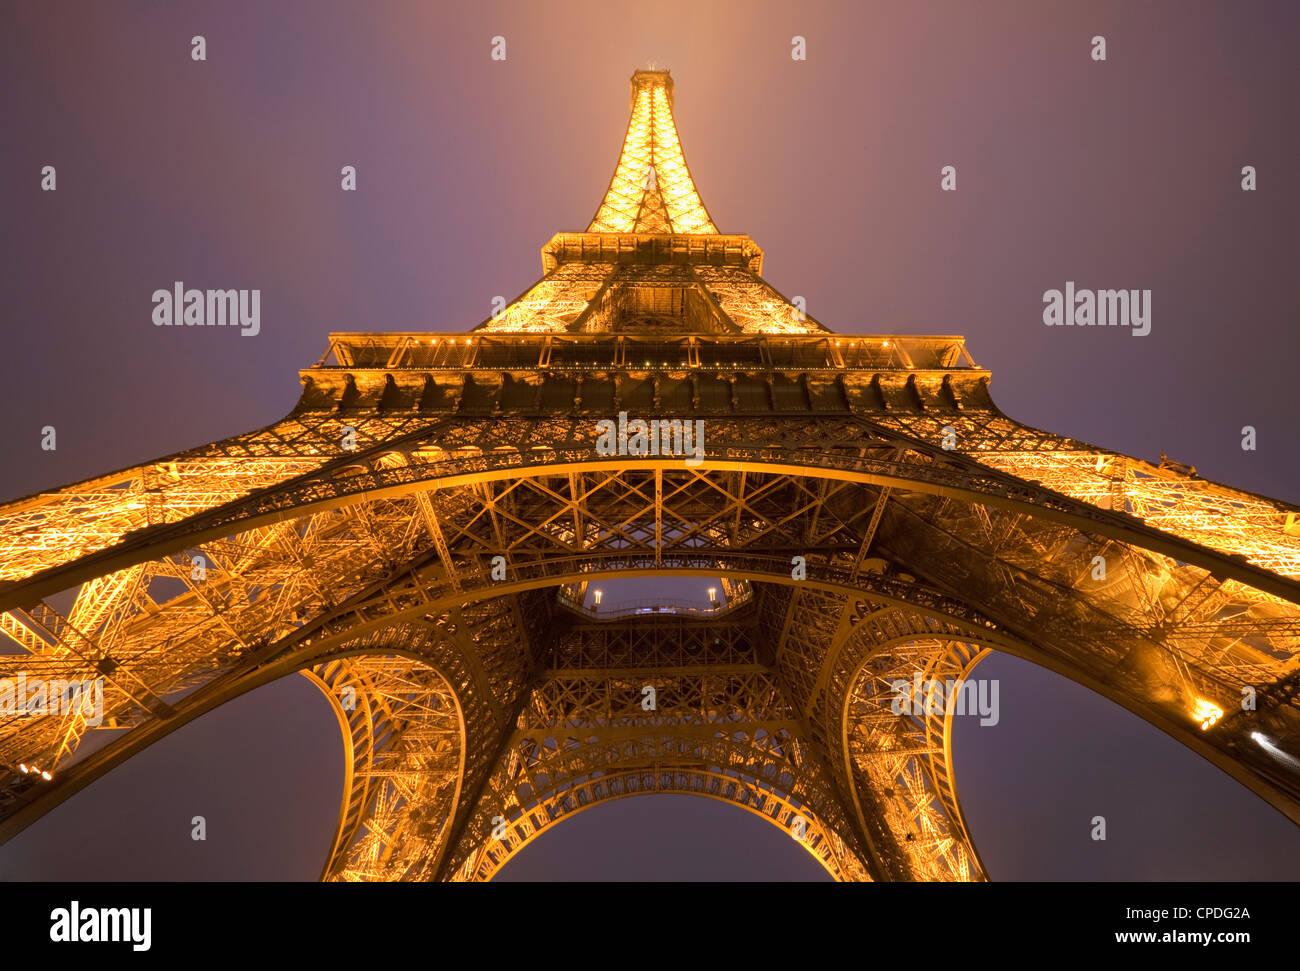 Weiten Blick auf den Eiffelturm bei Nacht, Paris, Frankreich, Europa Stockbild